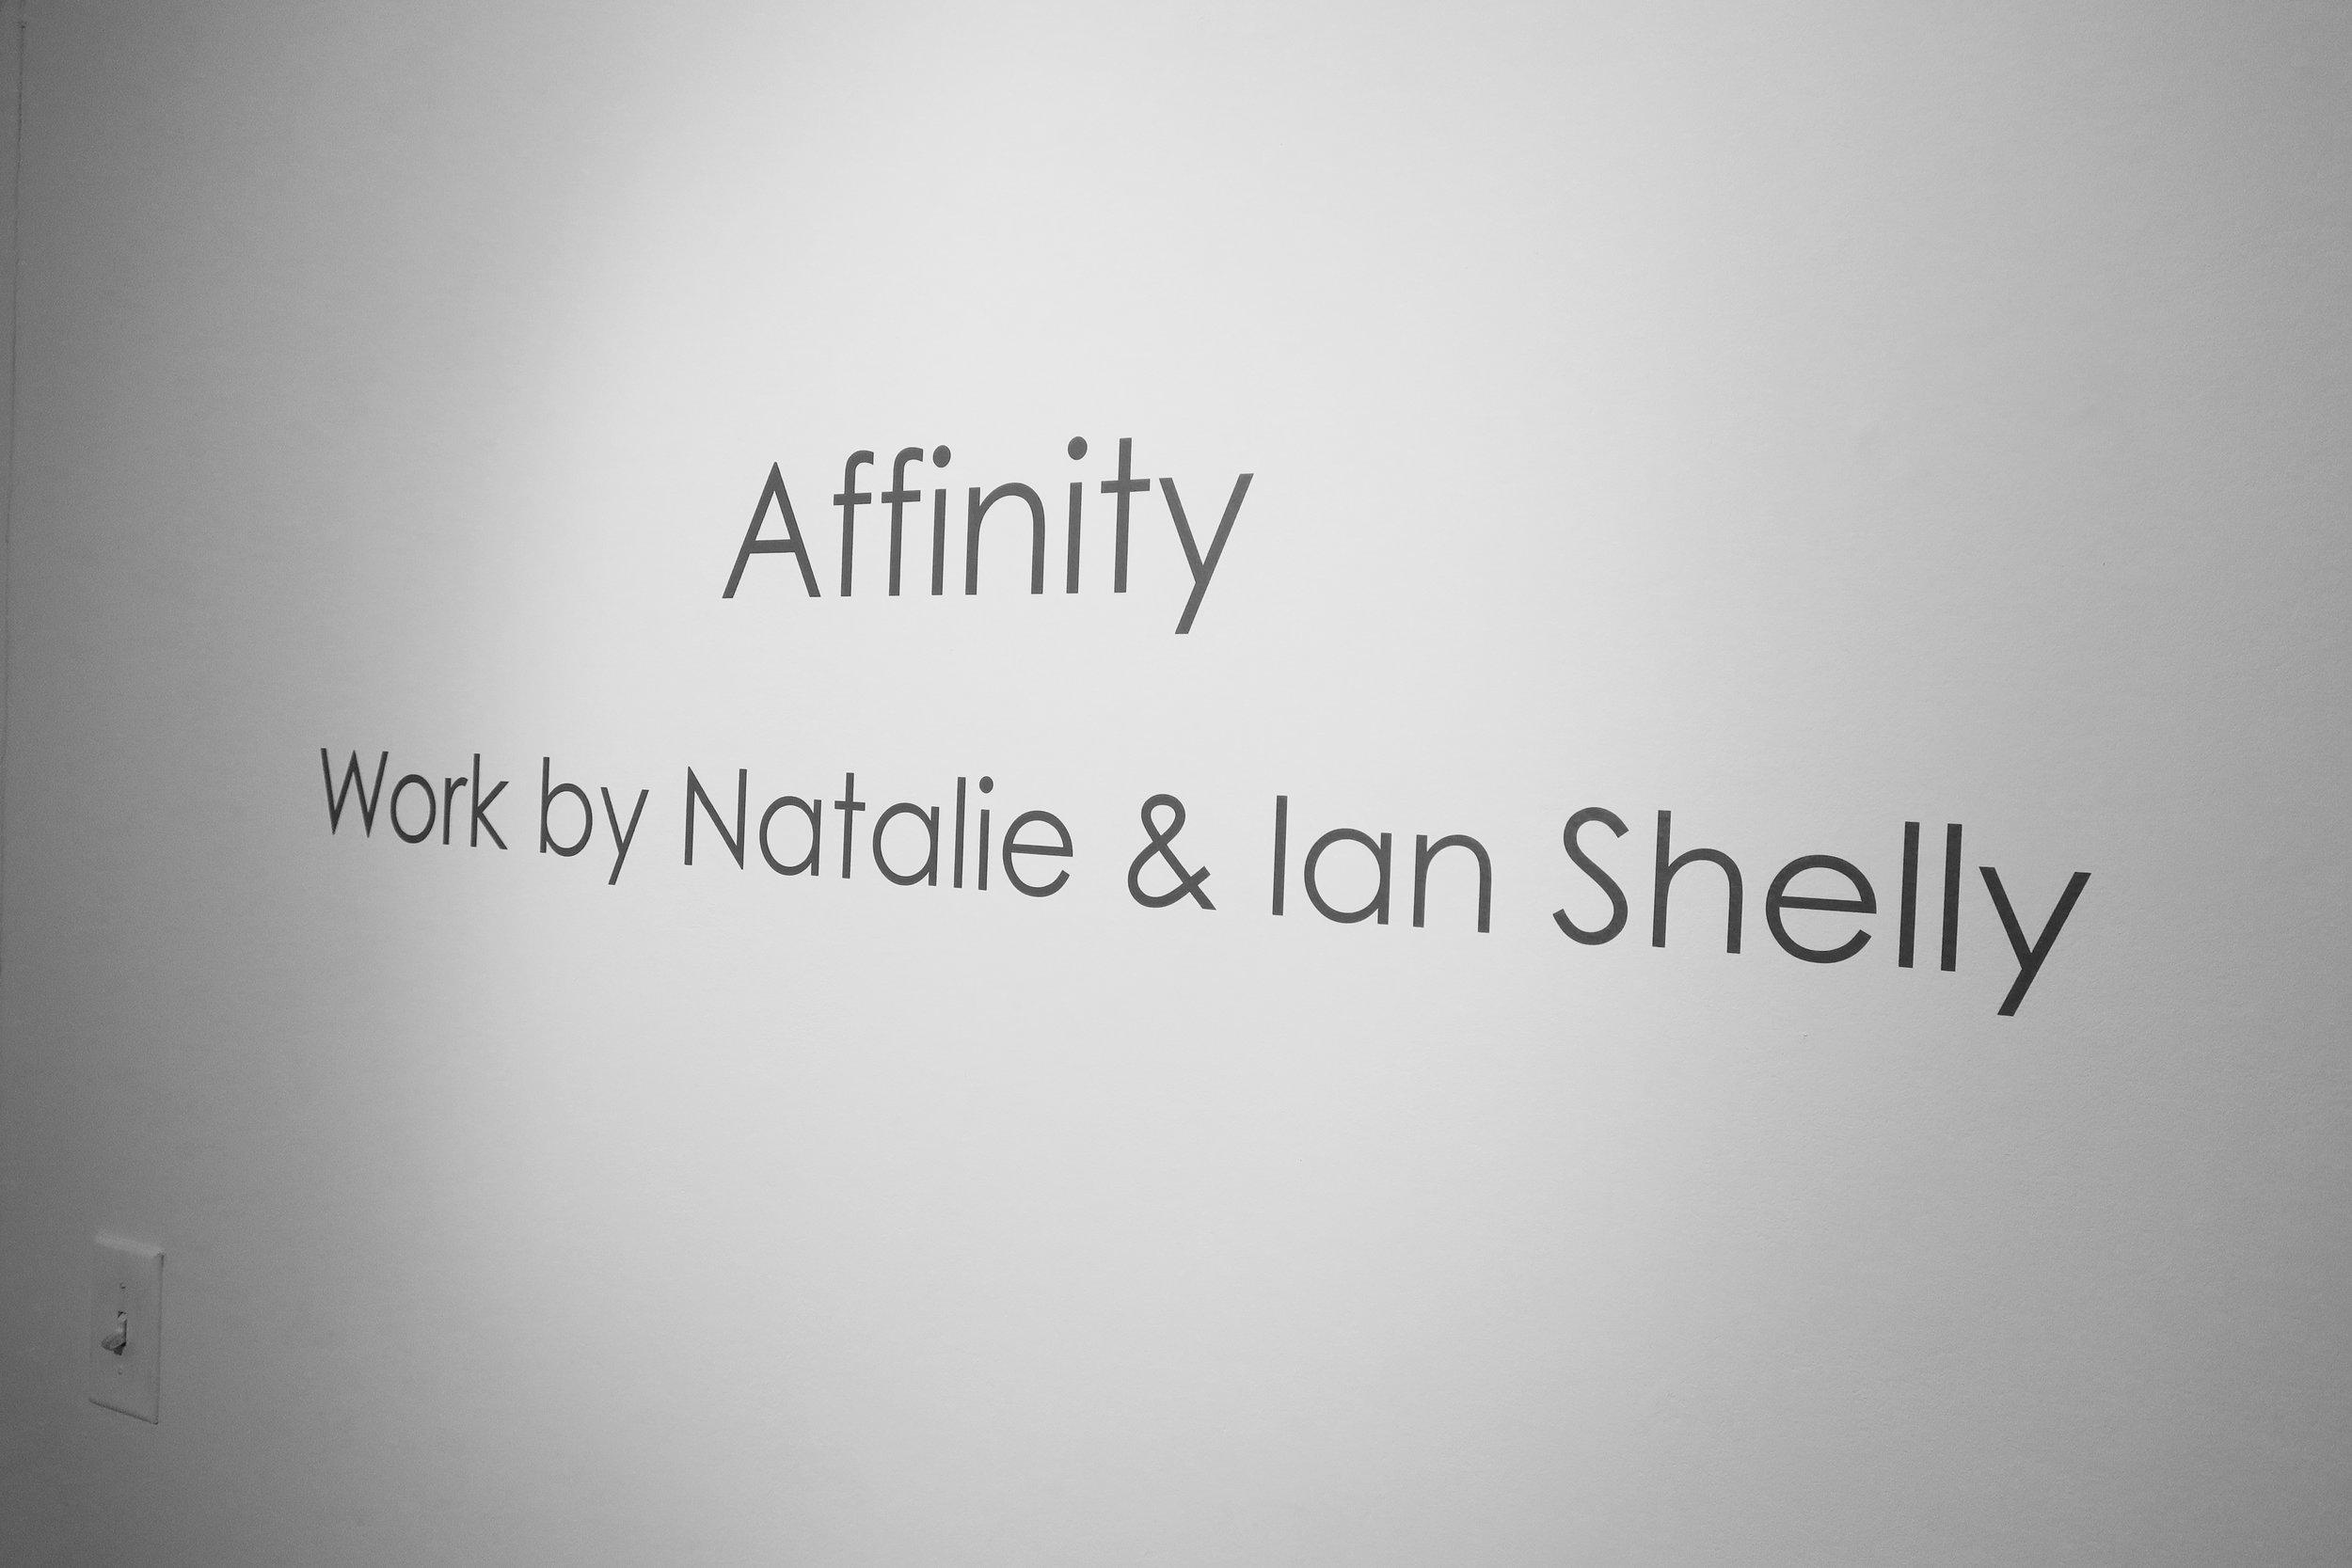 Affinity1.jpg